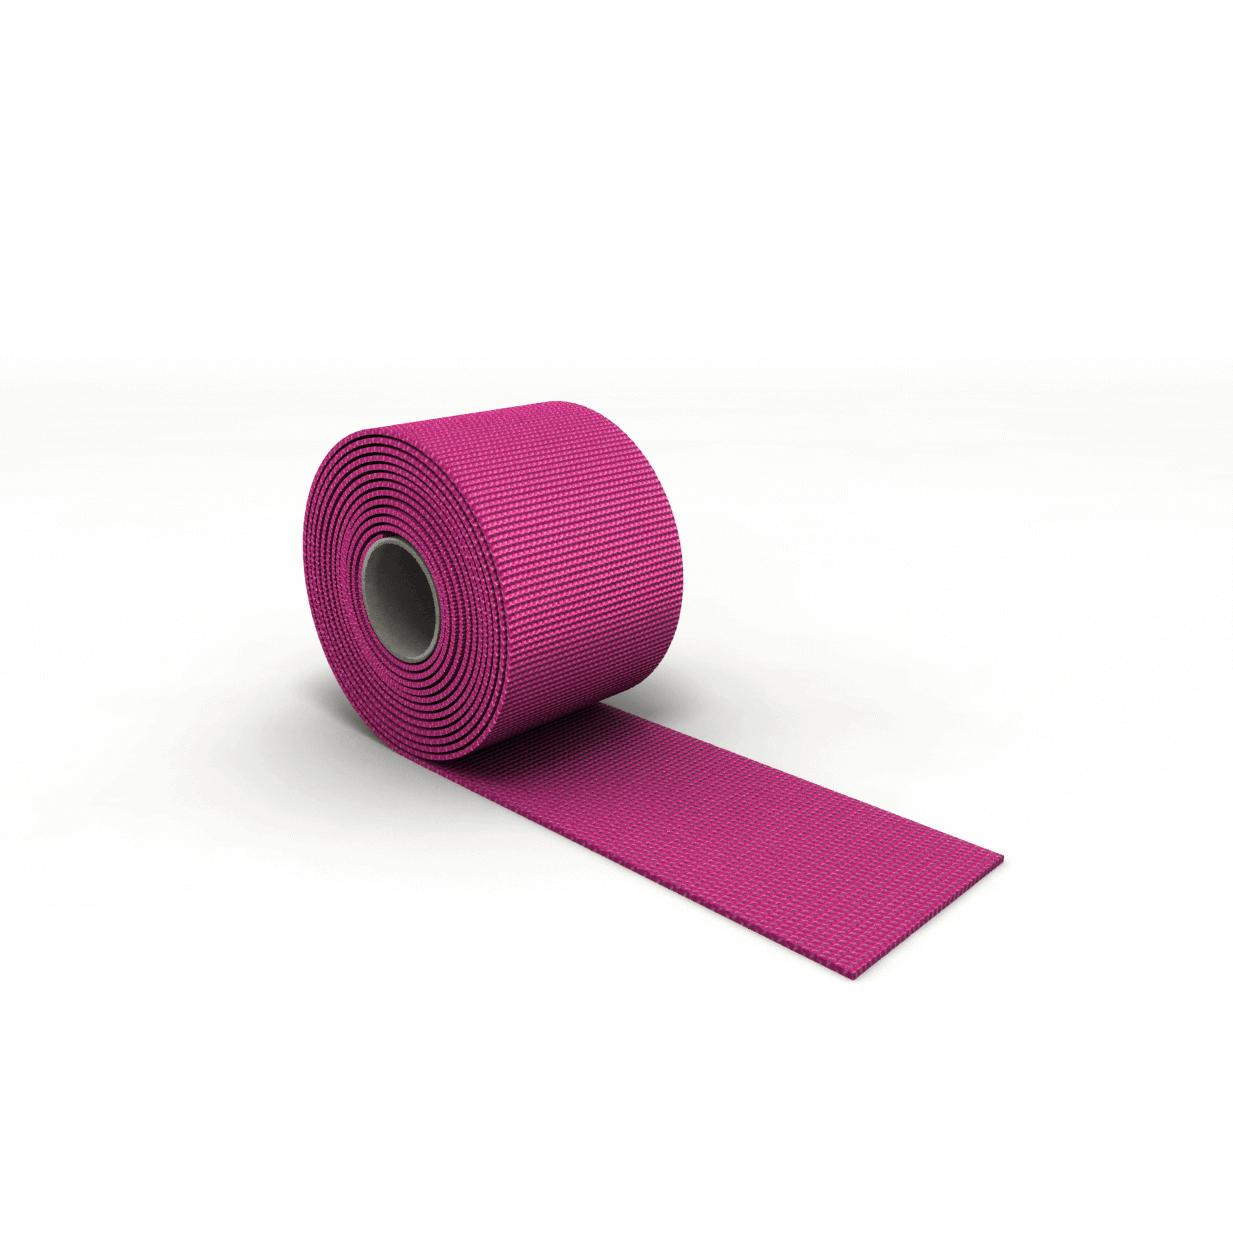 Gurtband für Rodelsitz pink